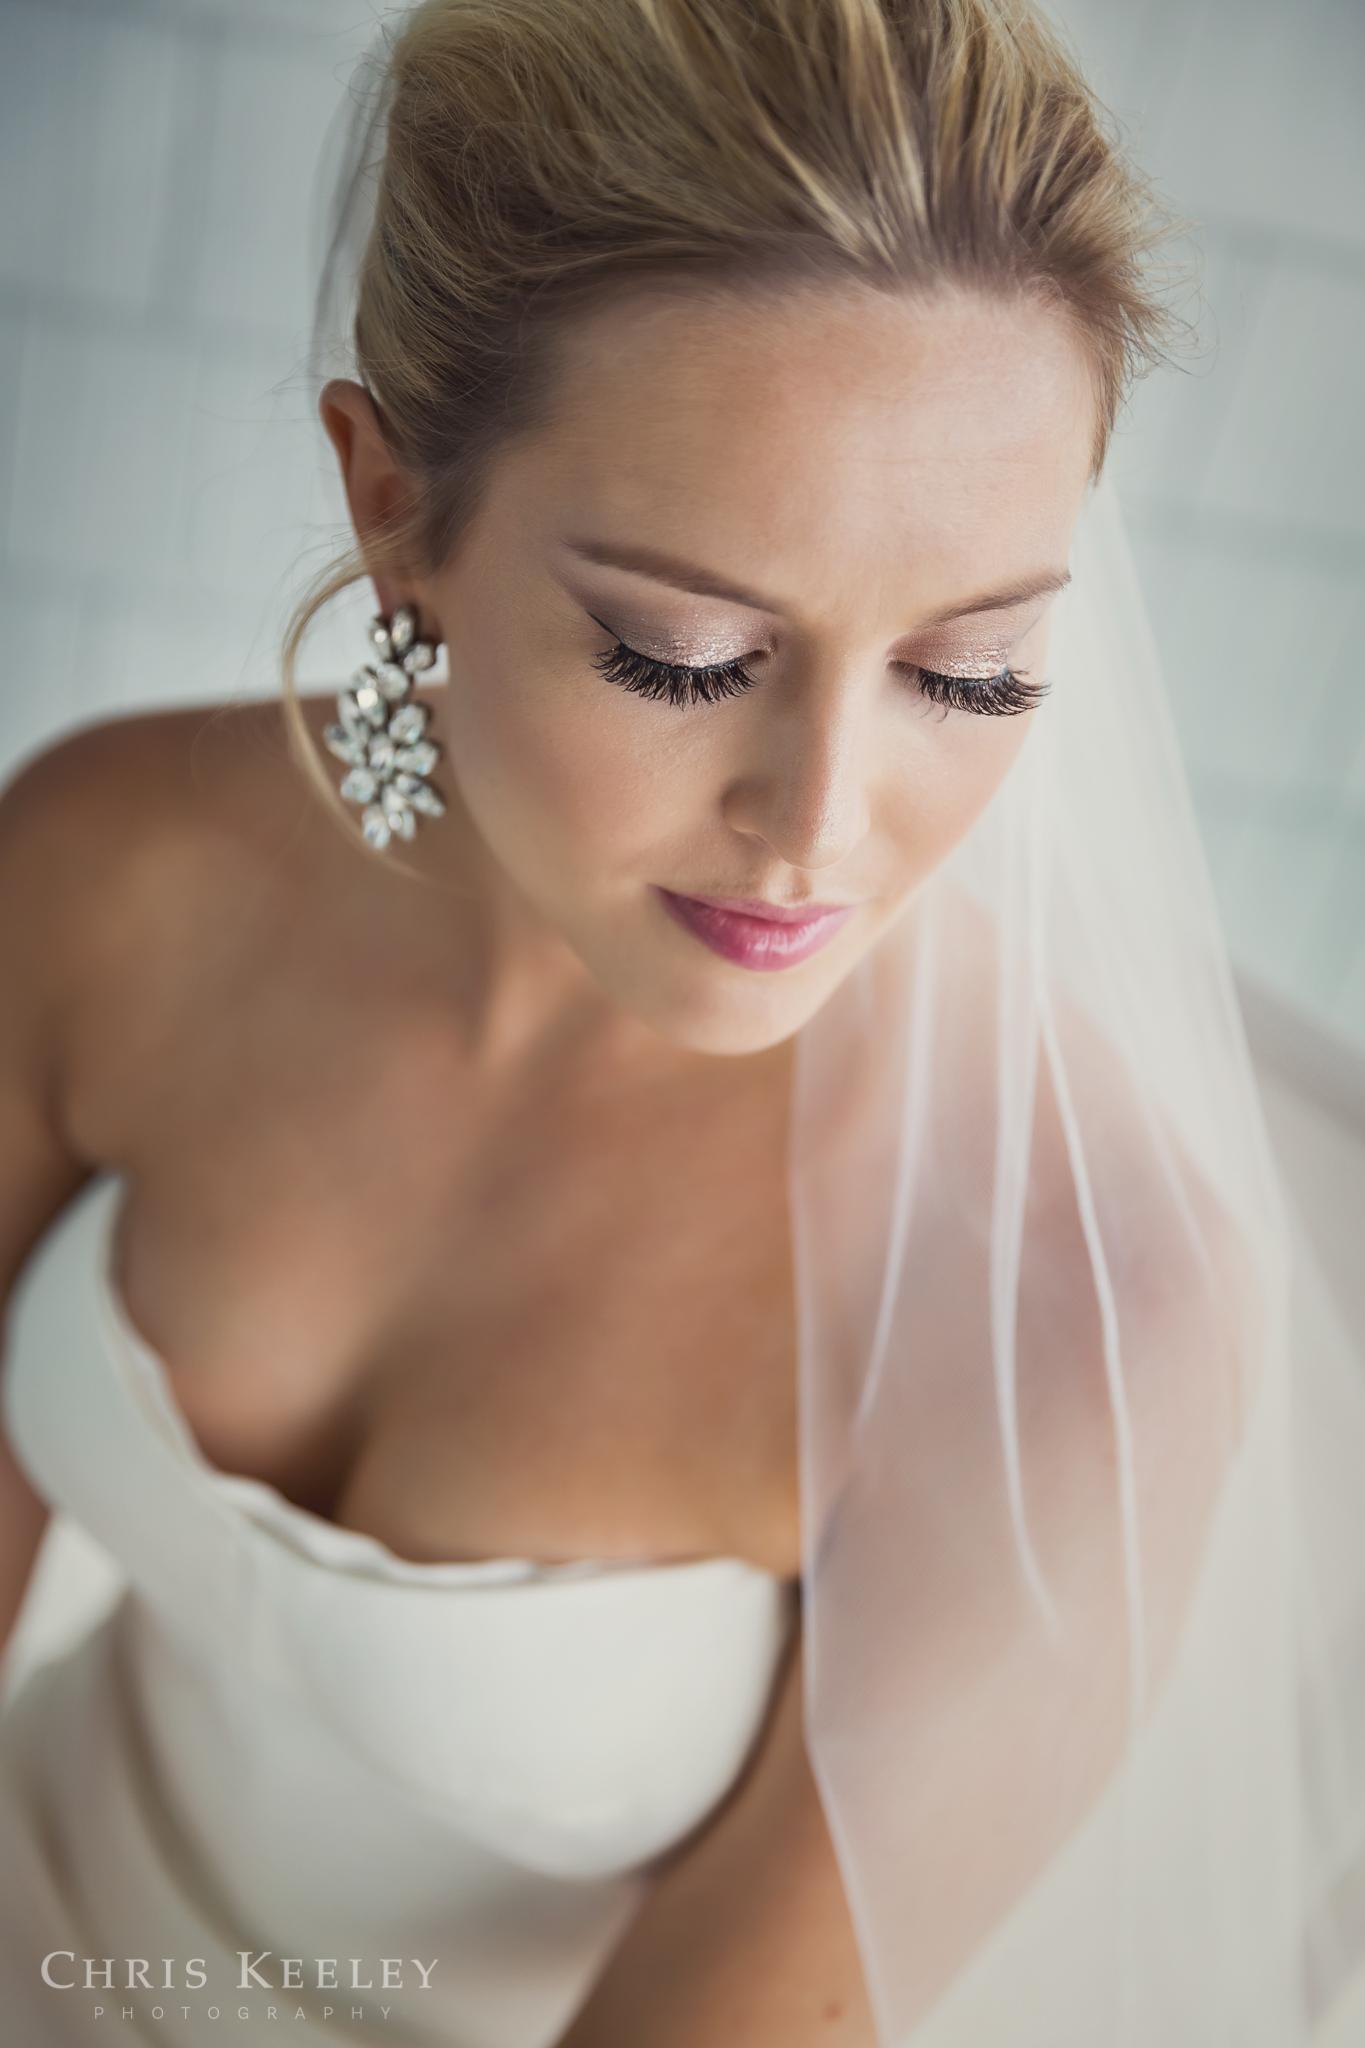 cliff-house-maine-wedding-photographer-chris-keeley-23.jpg